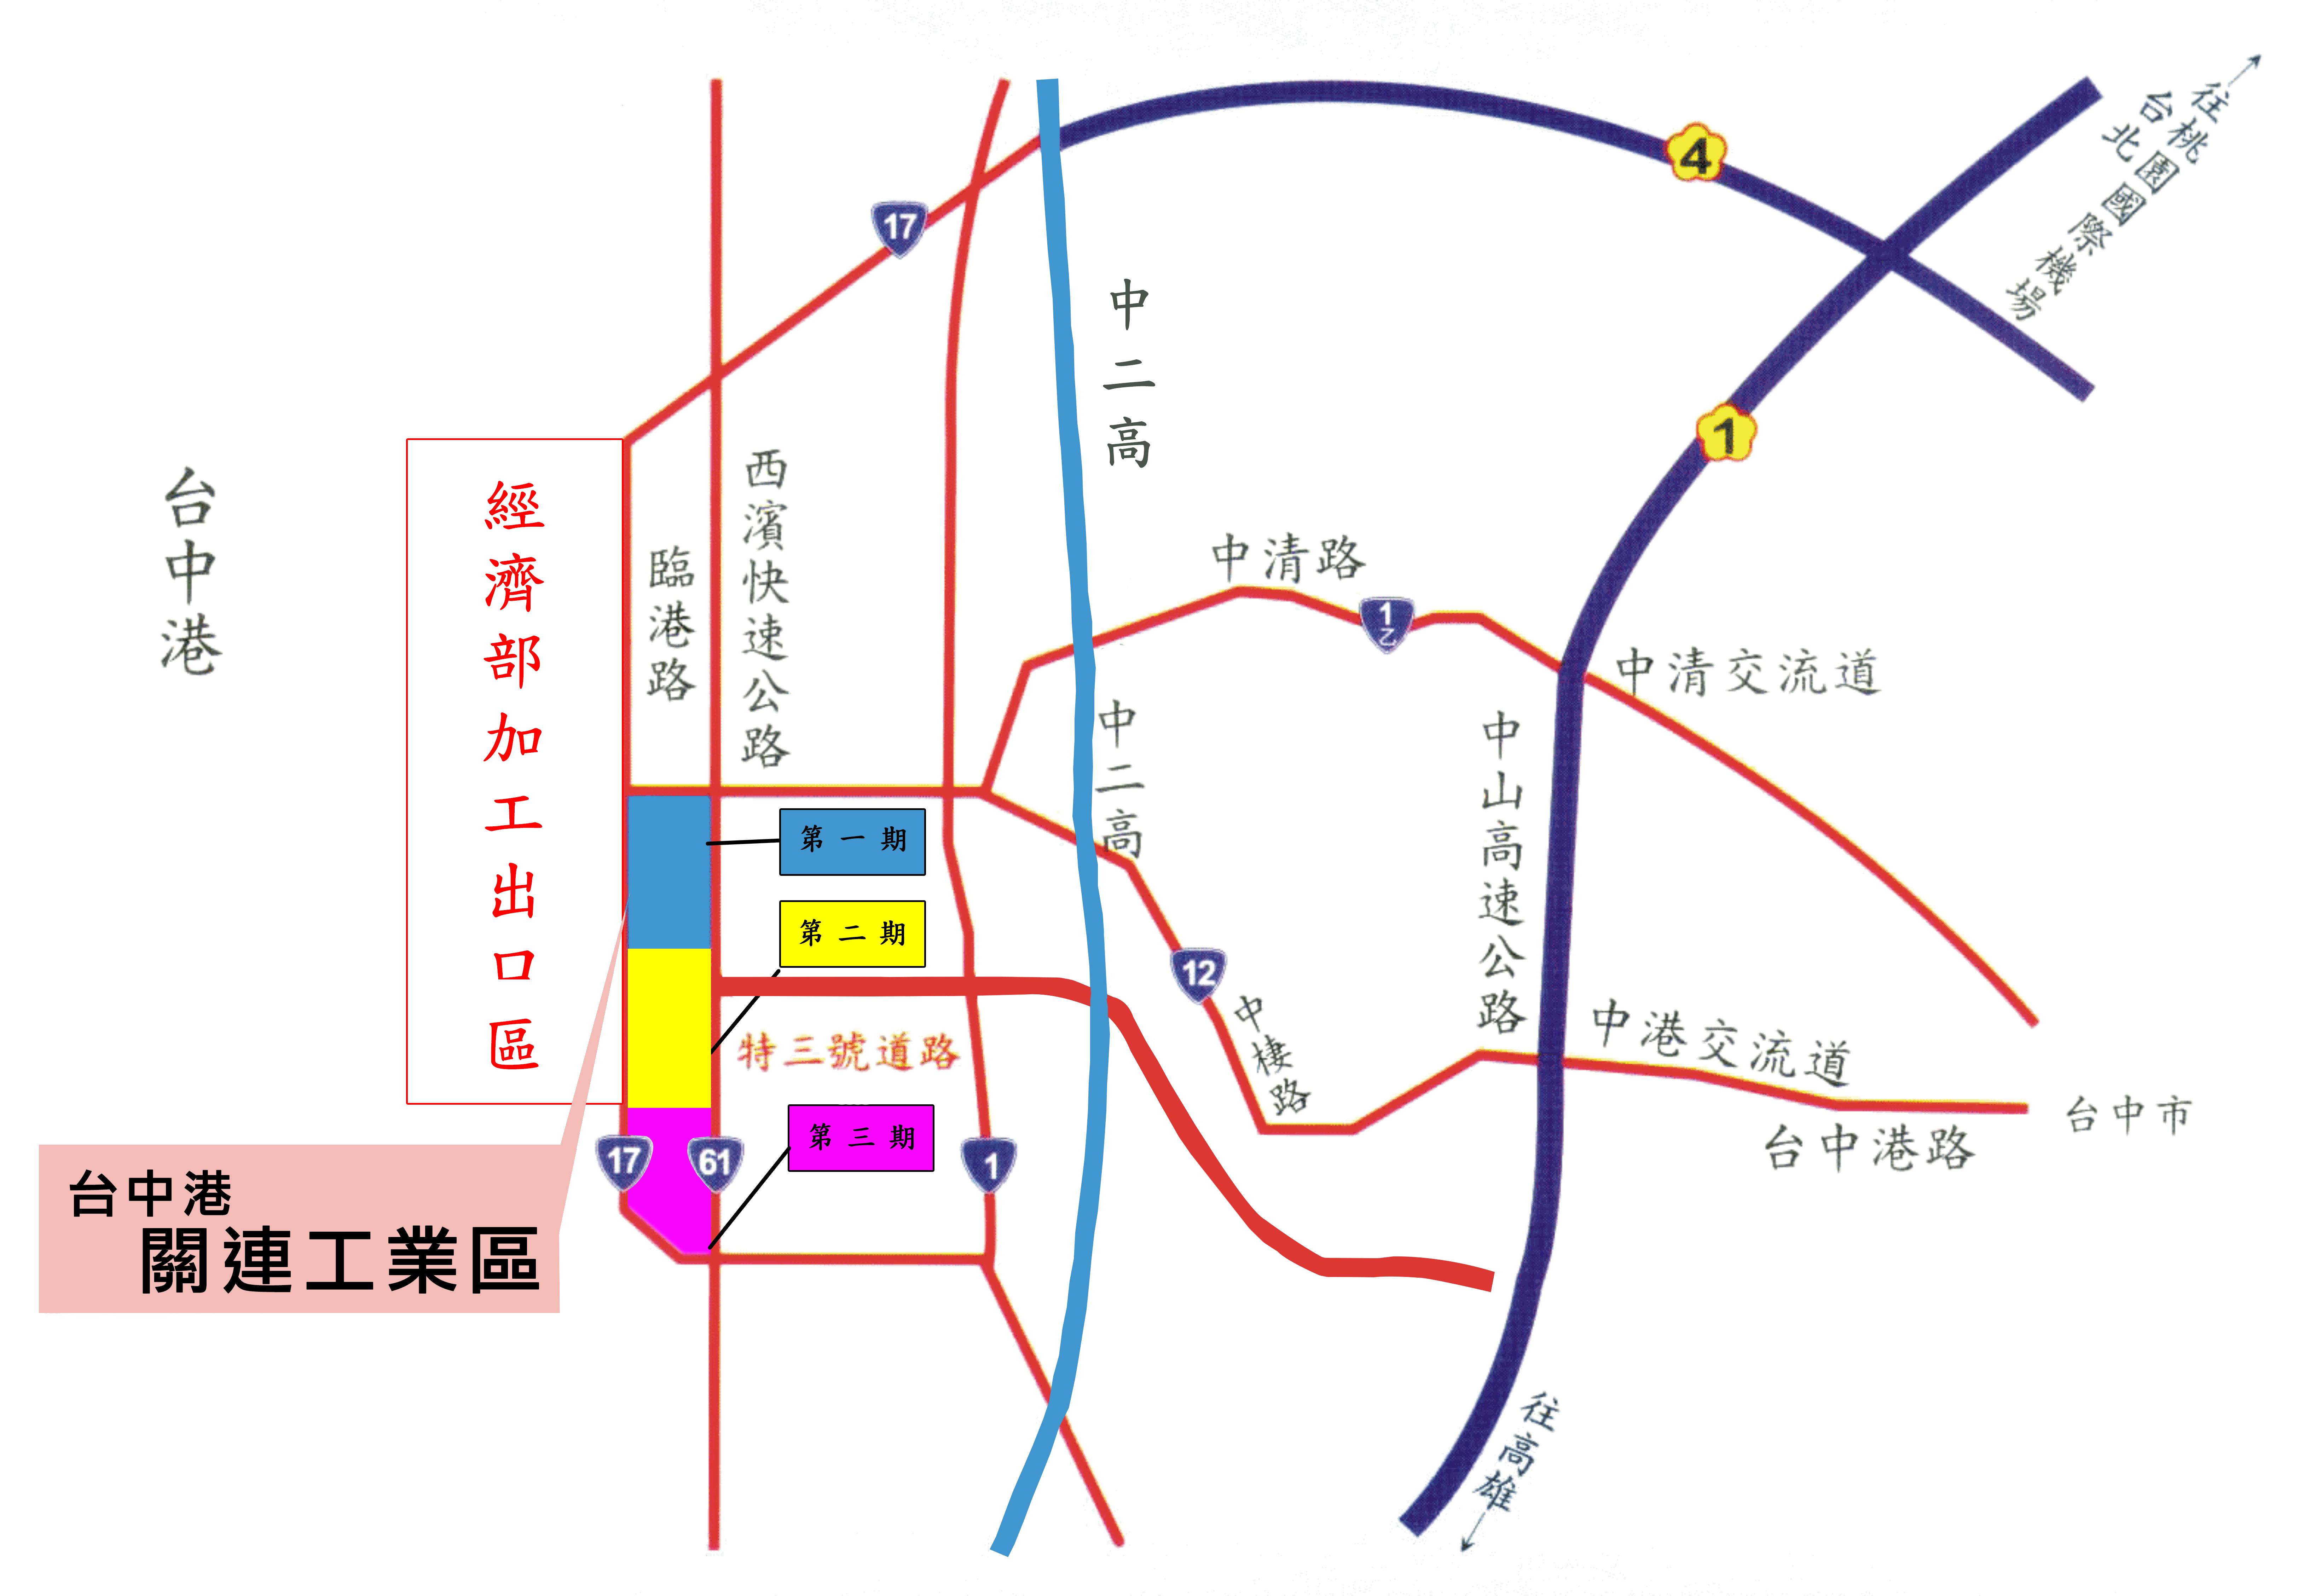 台中港關連工業區地理位置圖